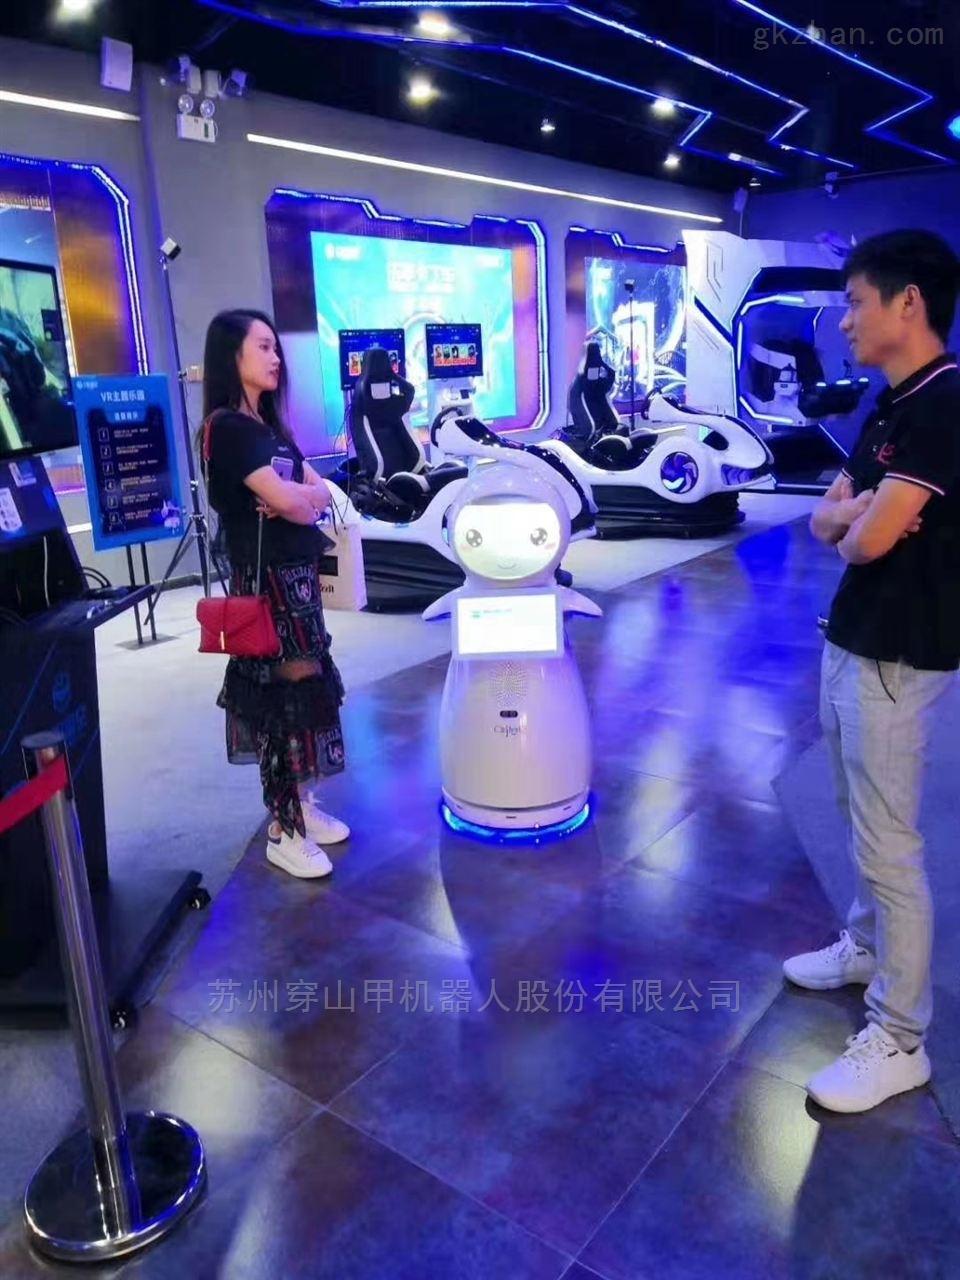 湖南懷化VR展廳展館自動講解機器人